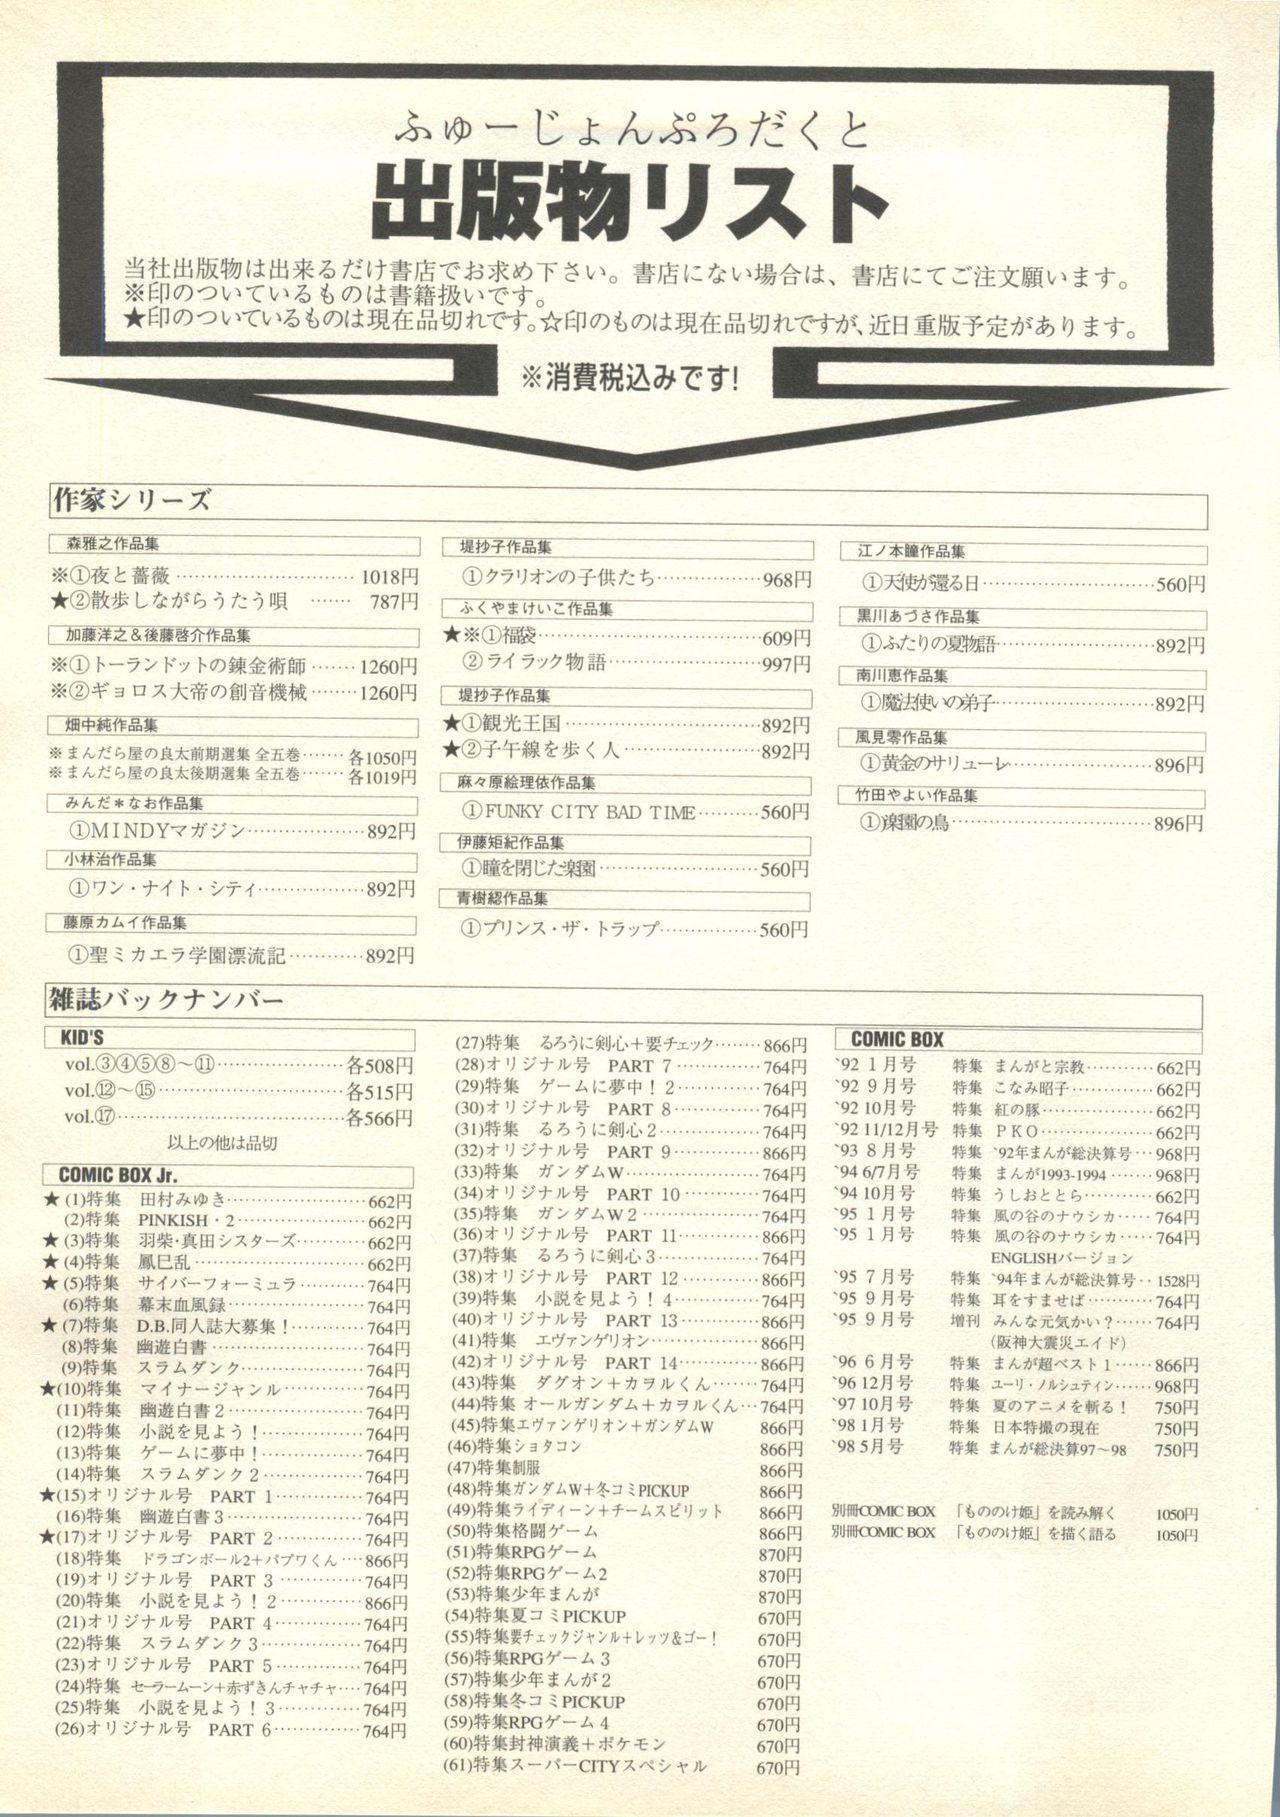 Pai;kuu 1998 July Vol. 11 269